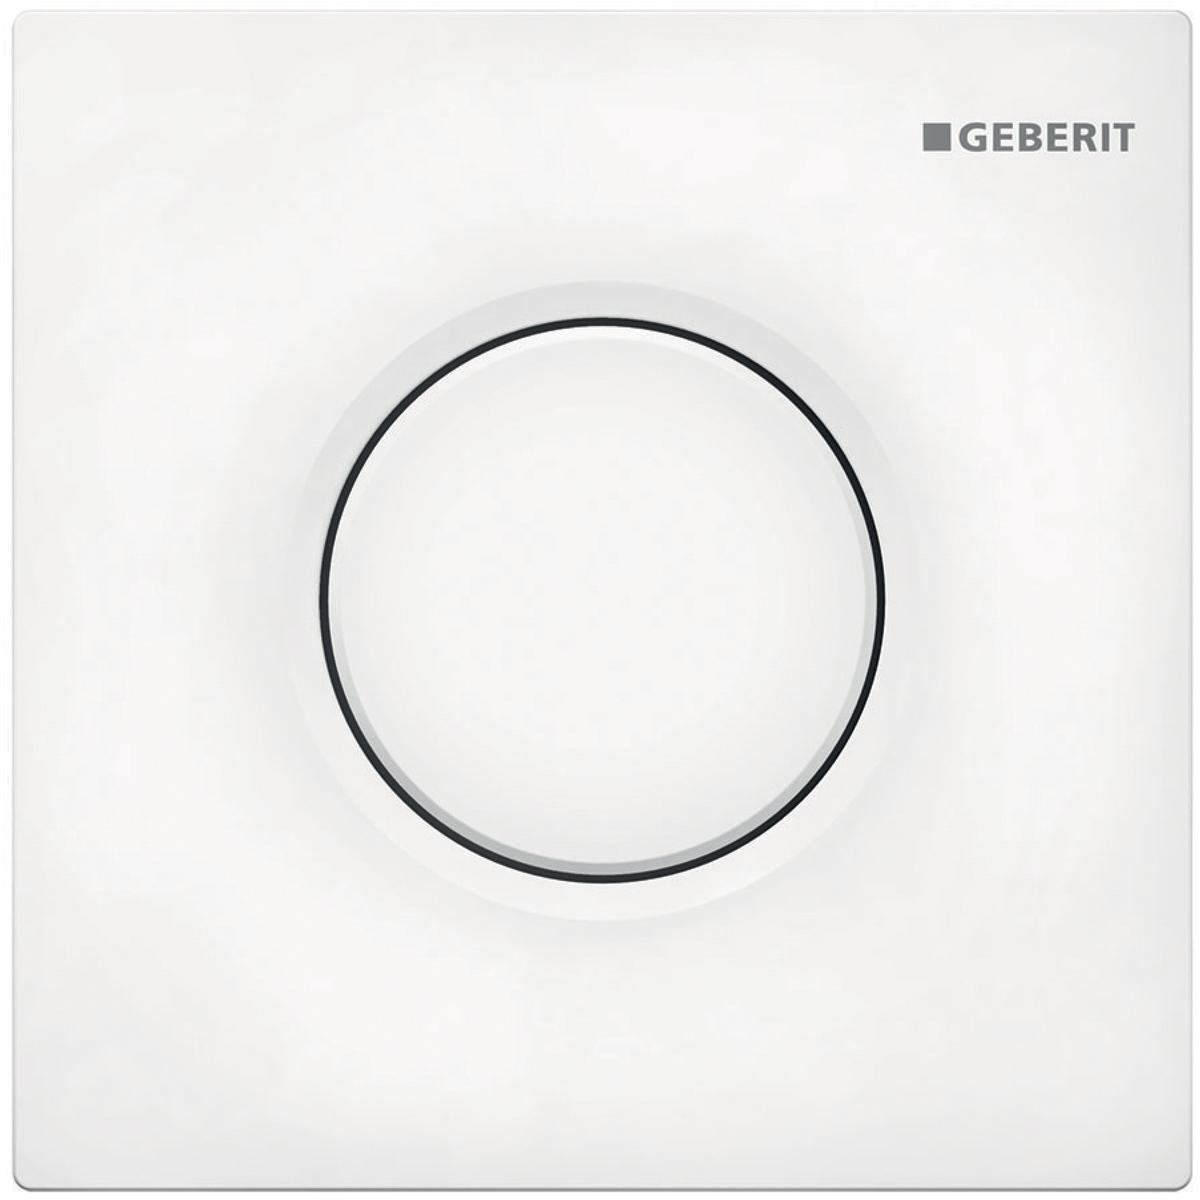 купить GEBERIT Sigma 01 116.011.11.5  (130x130мм)